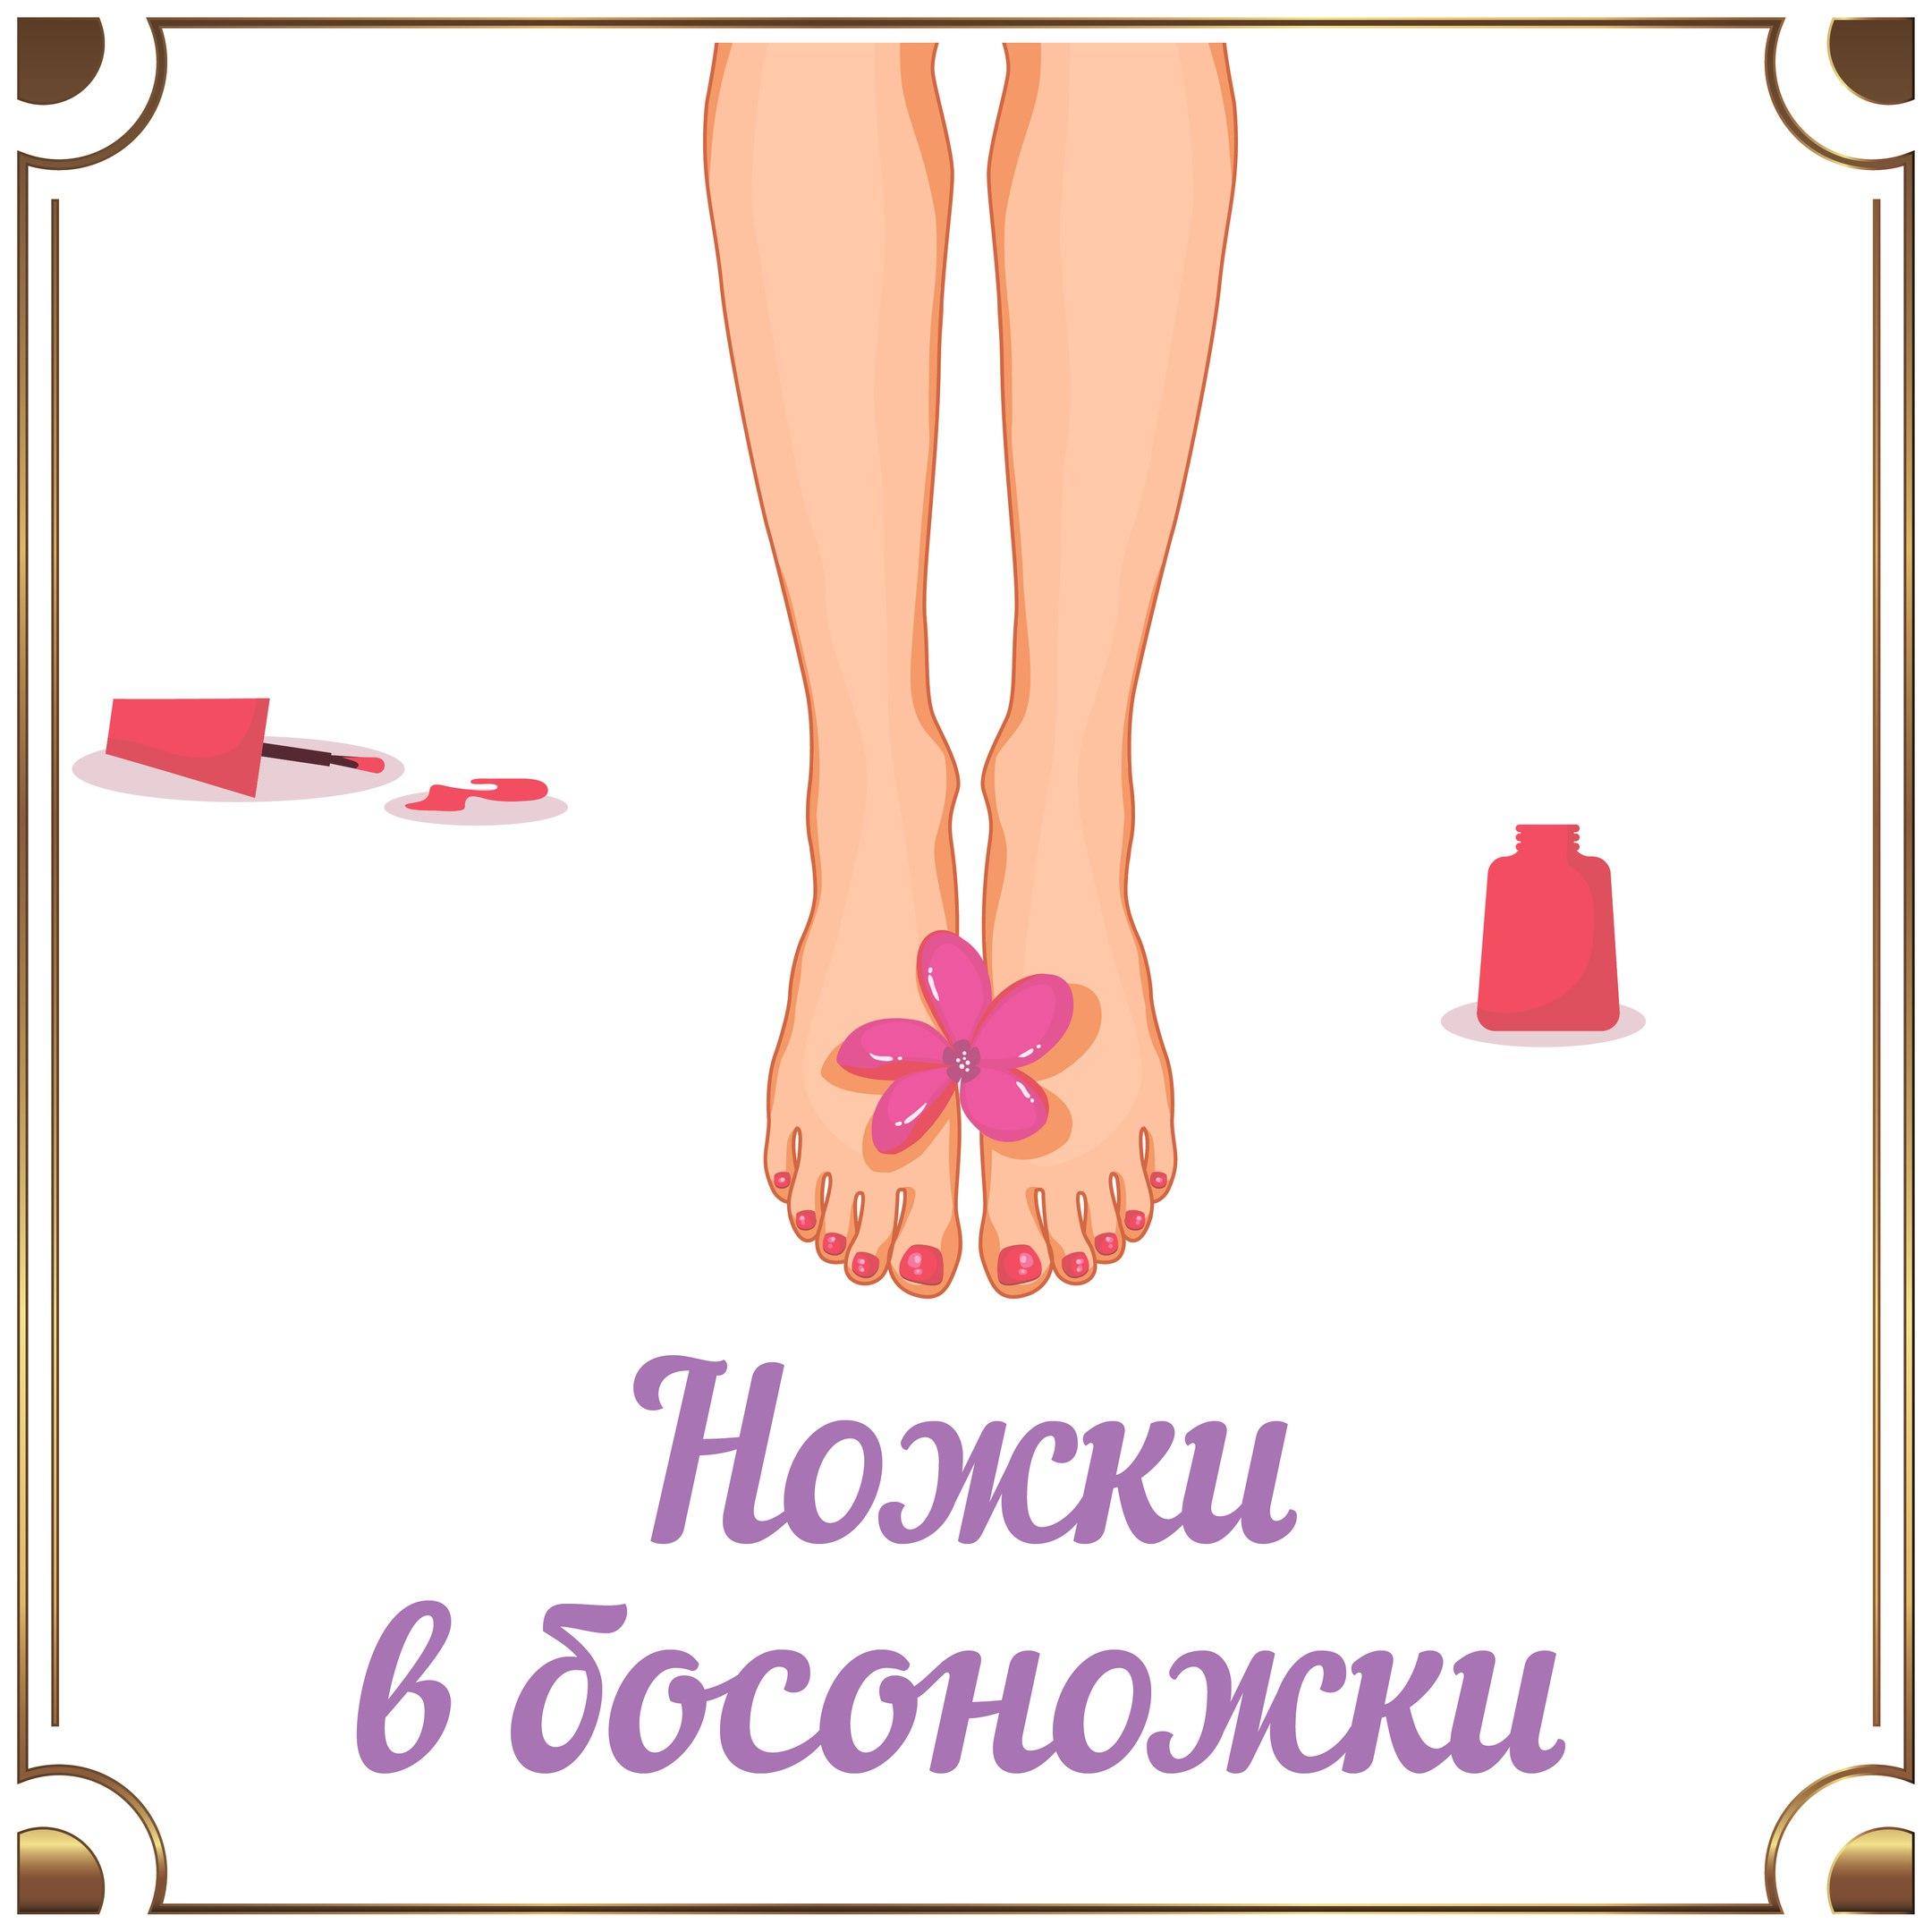 Ножки в босоножки